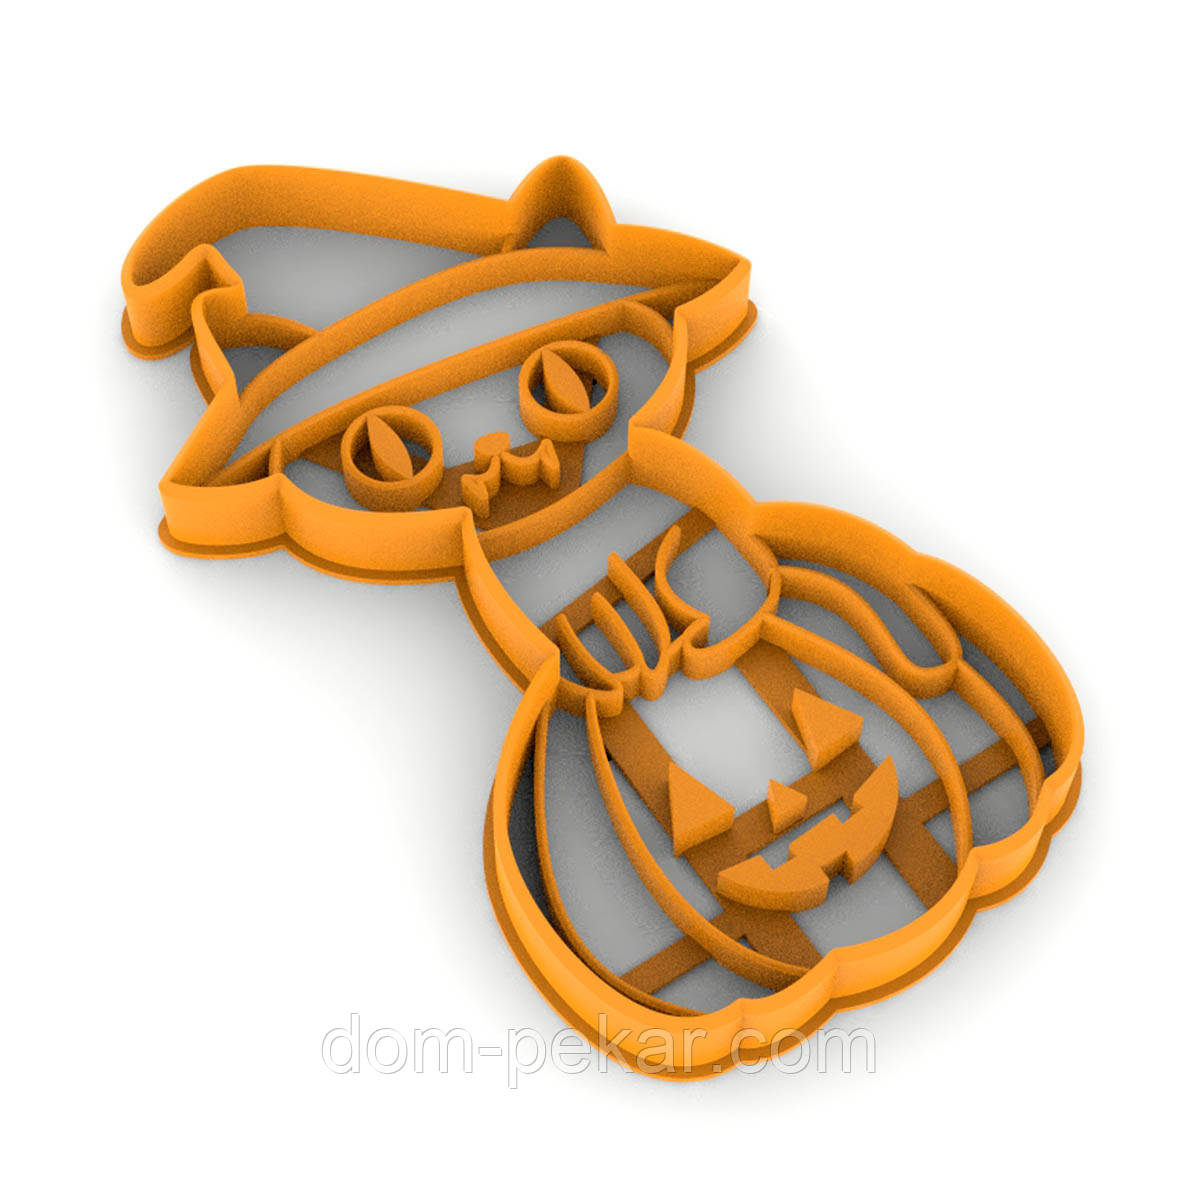 Вырубка для пряников Котик на тыкве 12*7см (3D)